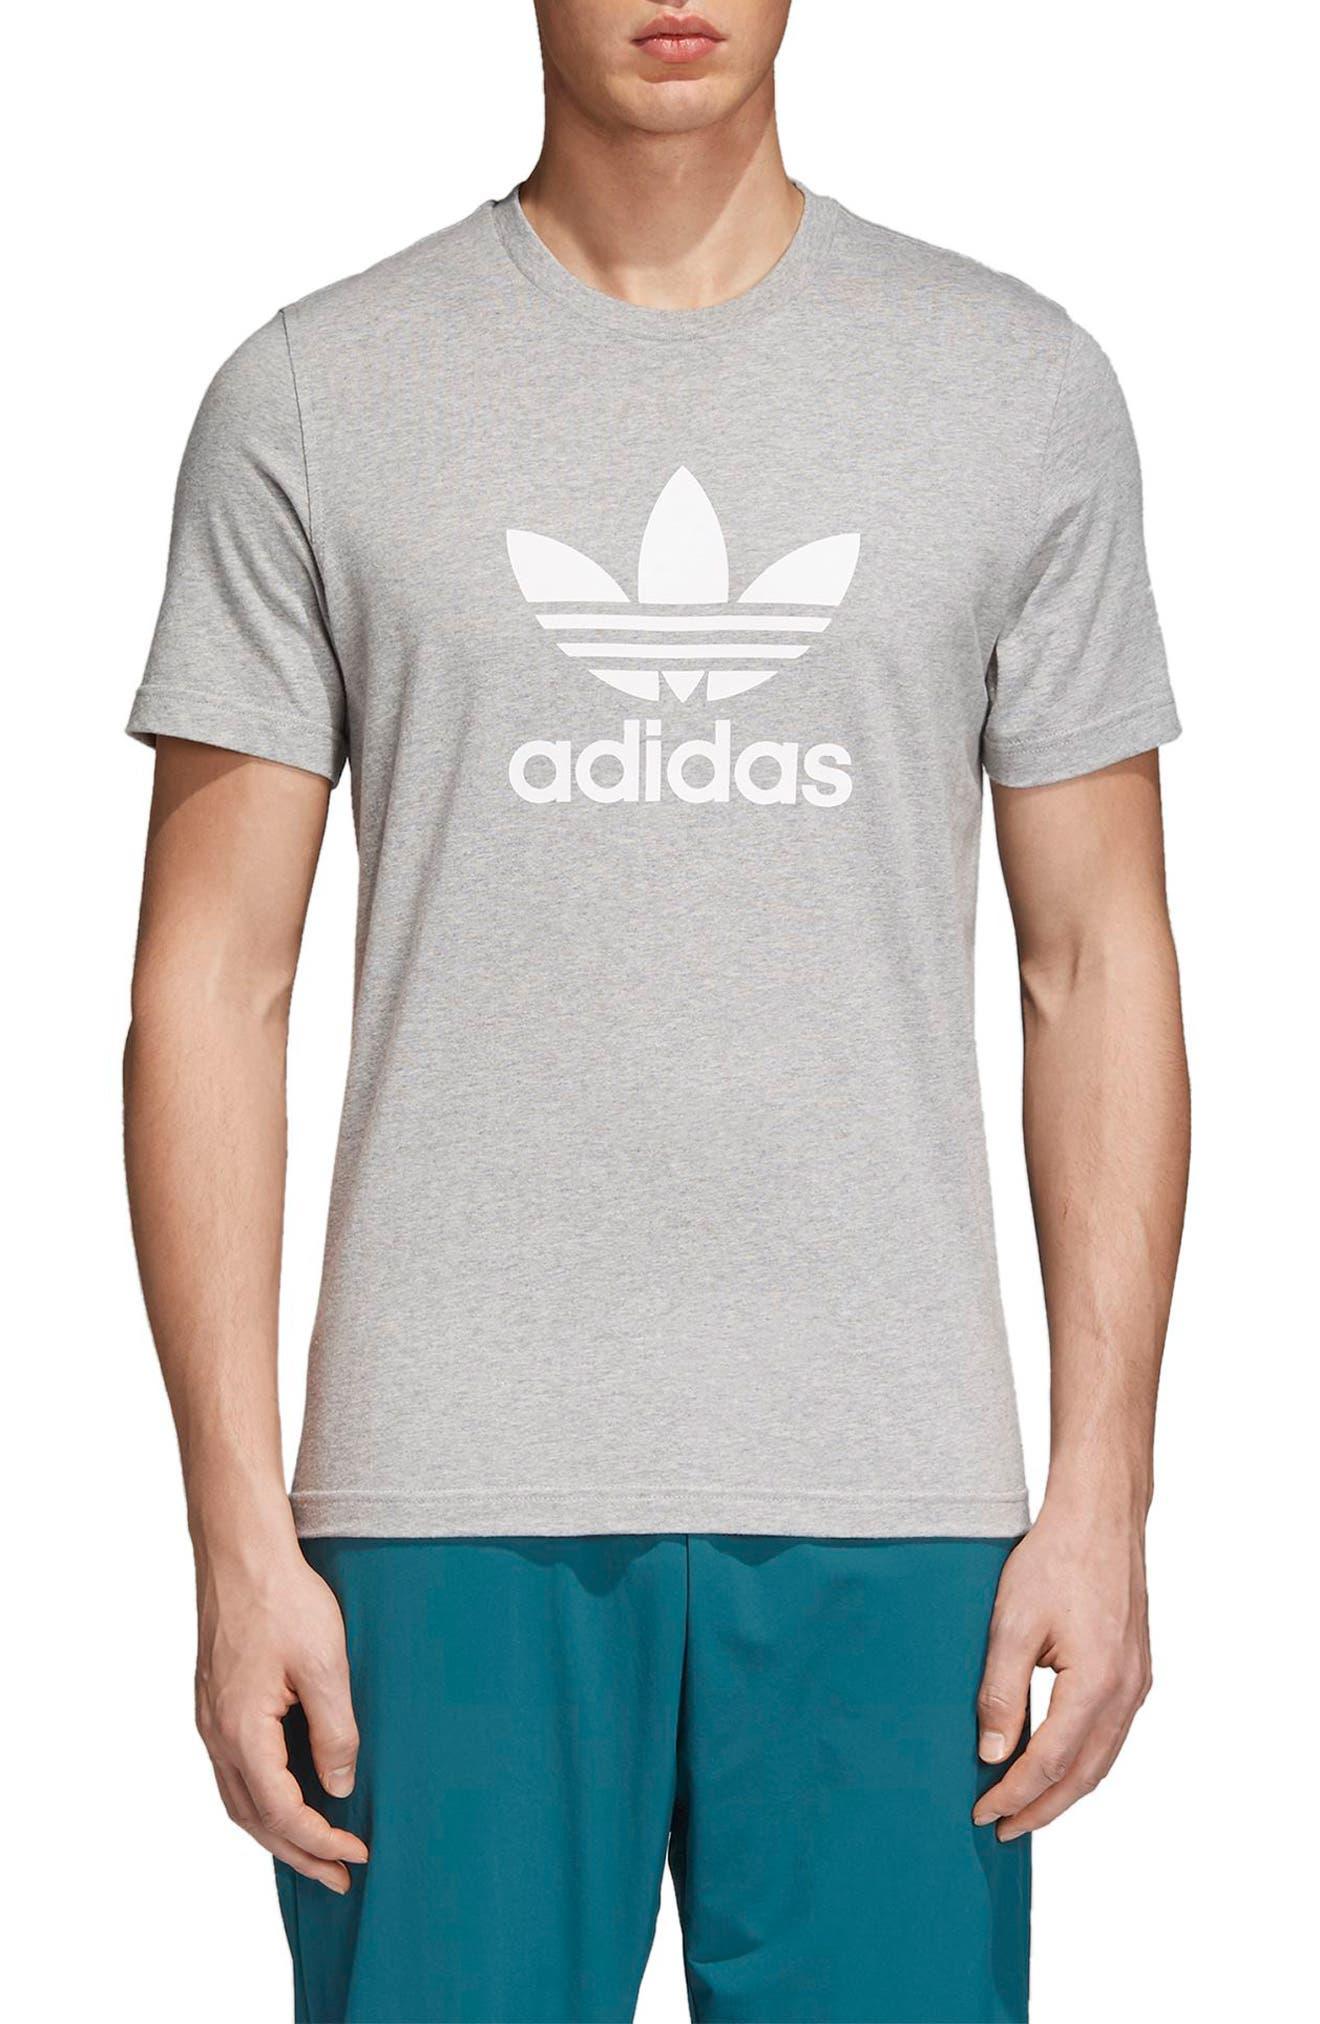 Adidas Originals Tops TREFOIL T-SHIRT